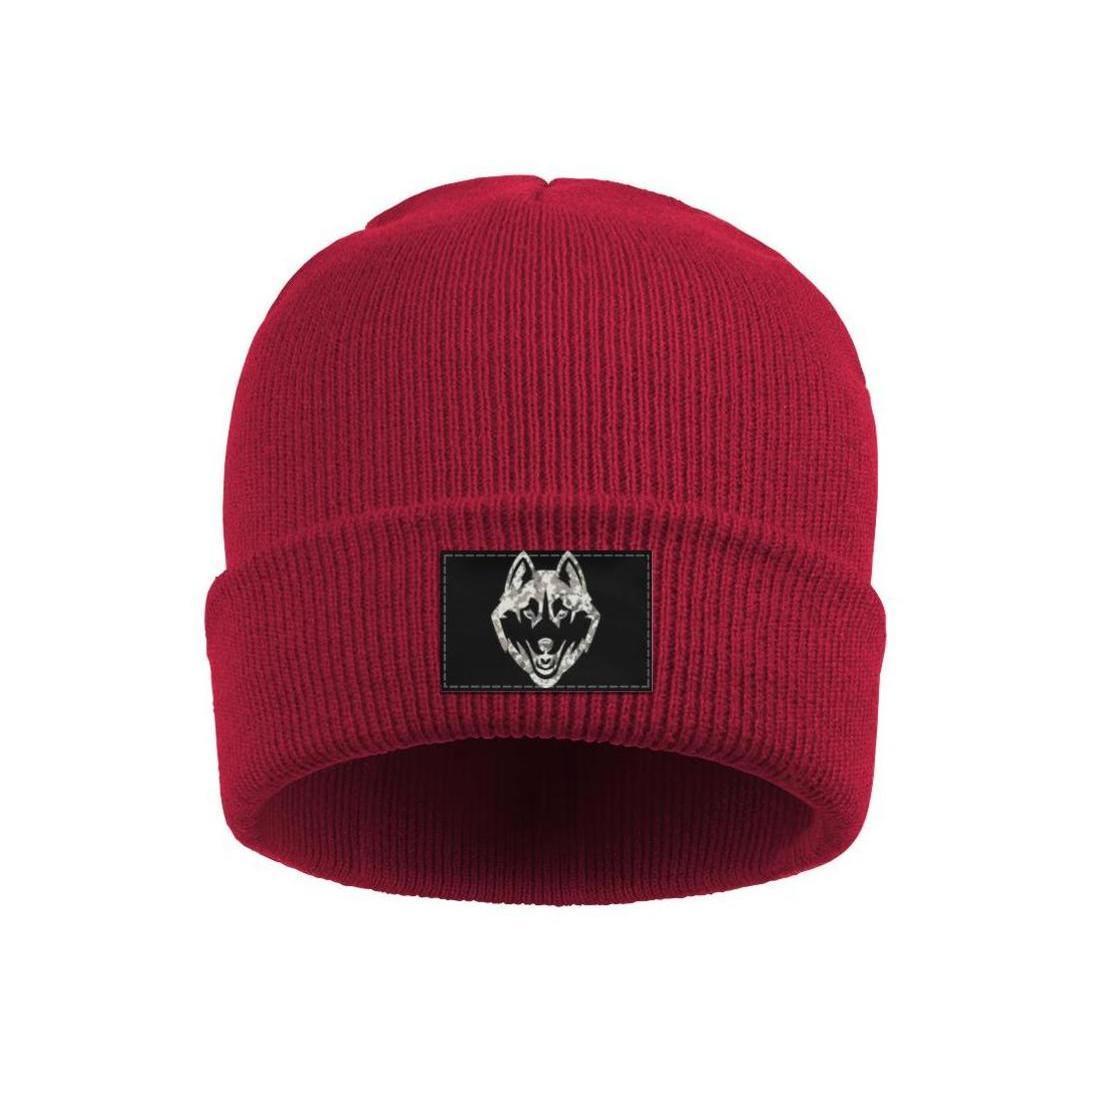 Moda Universidad de Connecticut Huskies logotipo de baloncesto Slouch reloj Beanie sombrero sombreros elegantes Mármol Imprimir bandera blanca Uconn Negro camuflaje béisbol EE.UU.